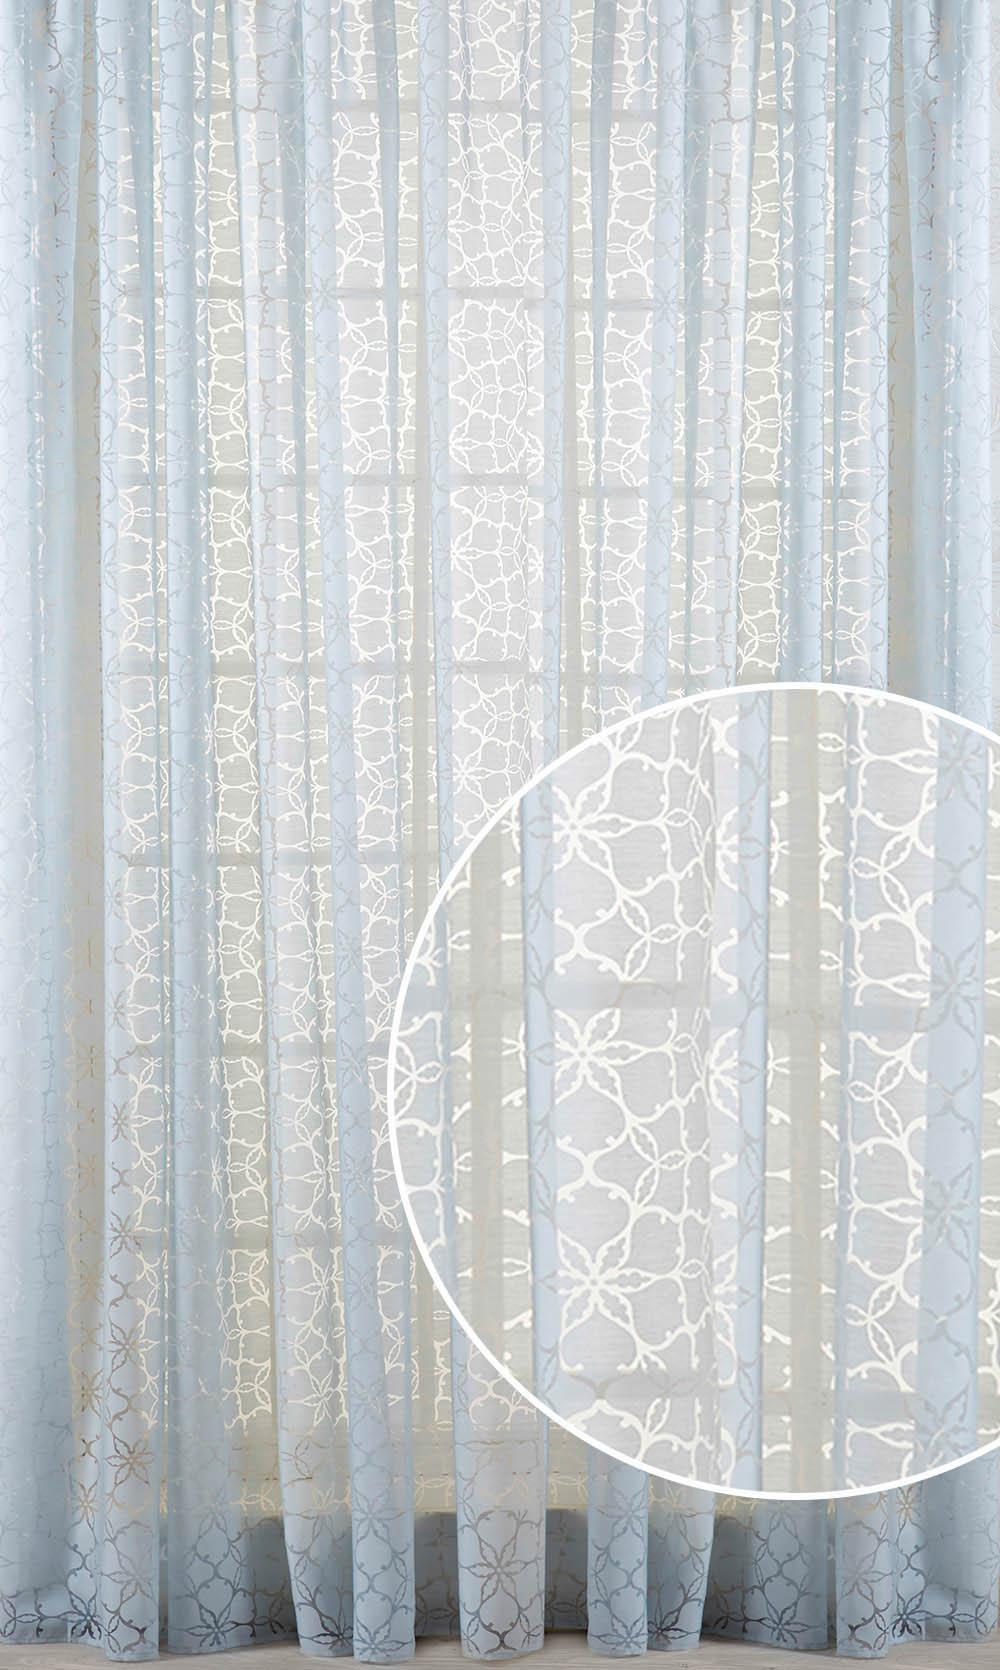 Купить Шторы Primavelle, Классические шторы Vivian Цвет: Серо-Голубой, Россия, Голубой, Серый, Вуаль